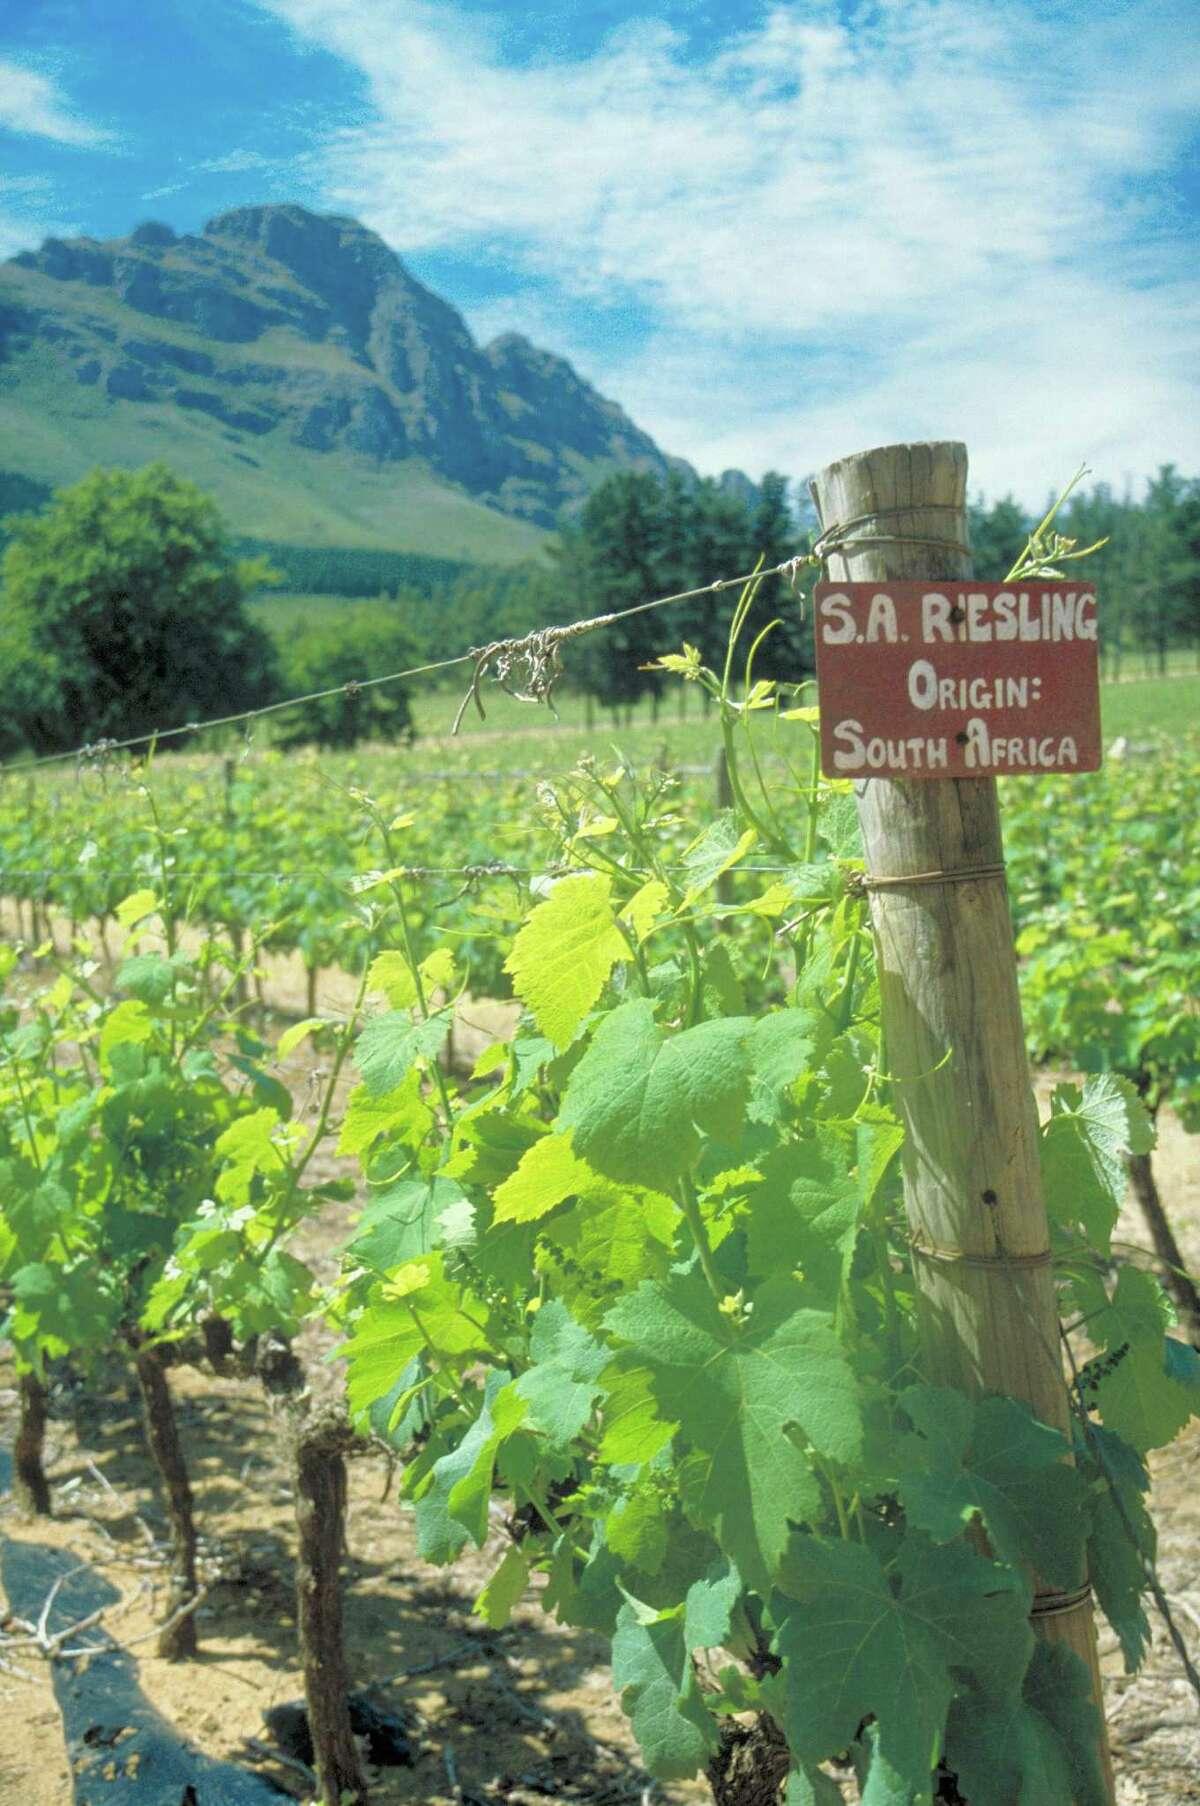 The Delheim Estates winery in Stellenbosch, South African wine region.